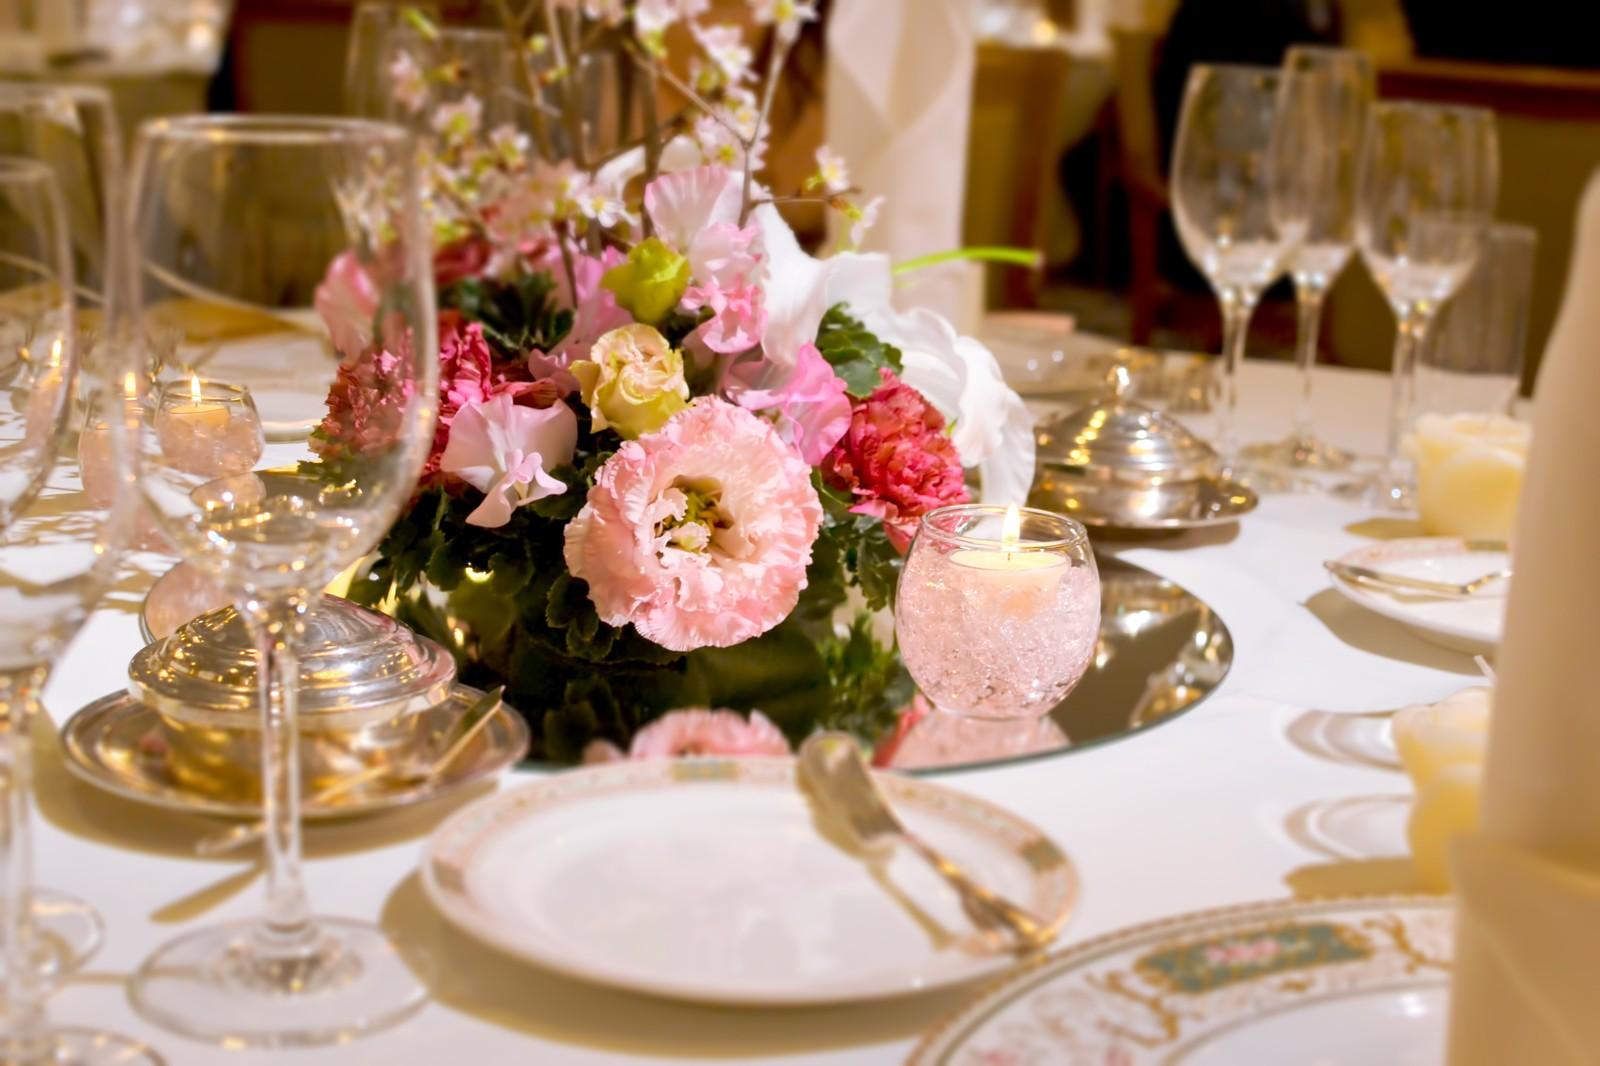 結婚式に招待されてももう困らない!!結婚式用激安ワンピース♡のサムネイル画像